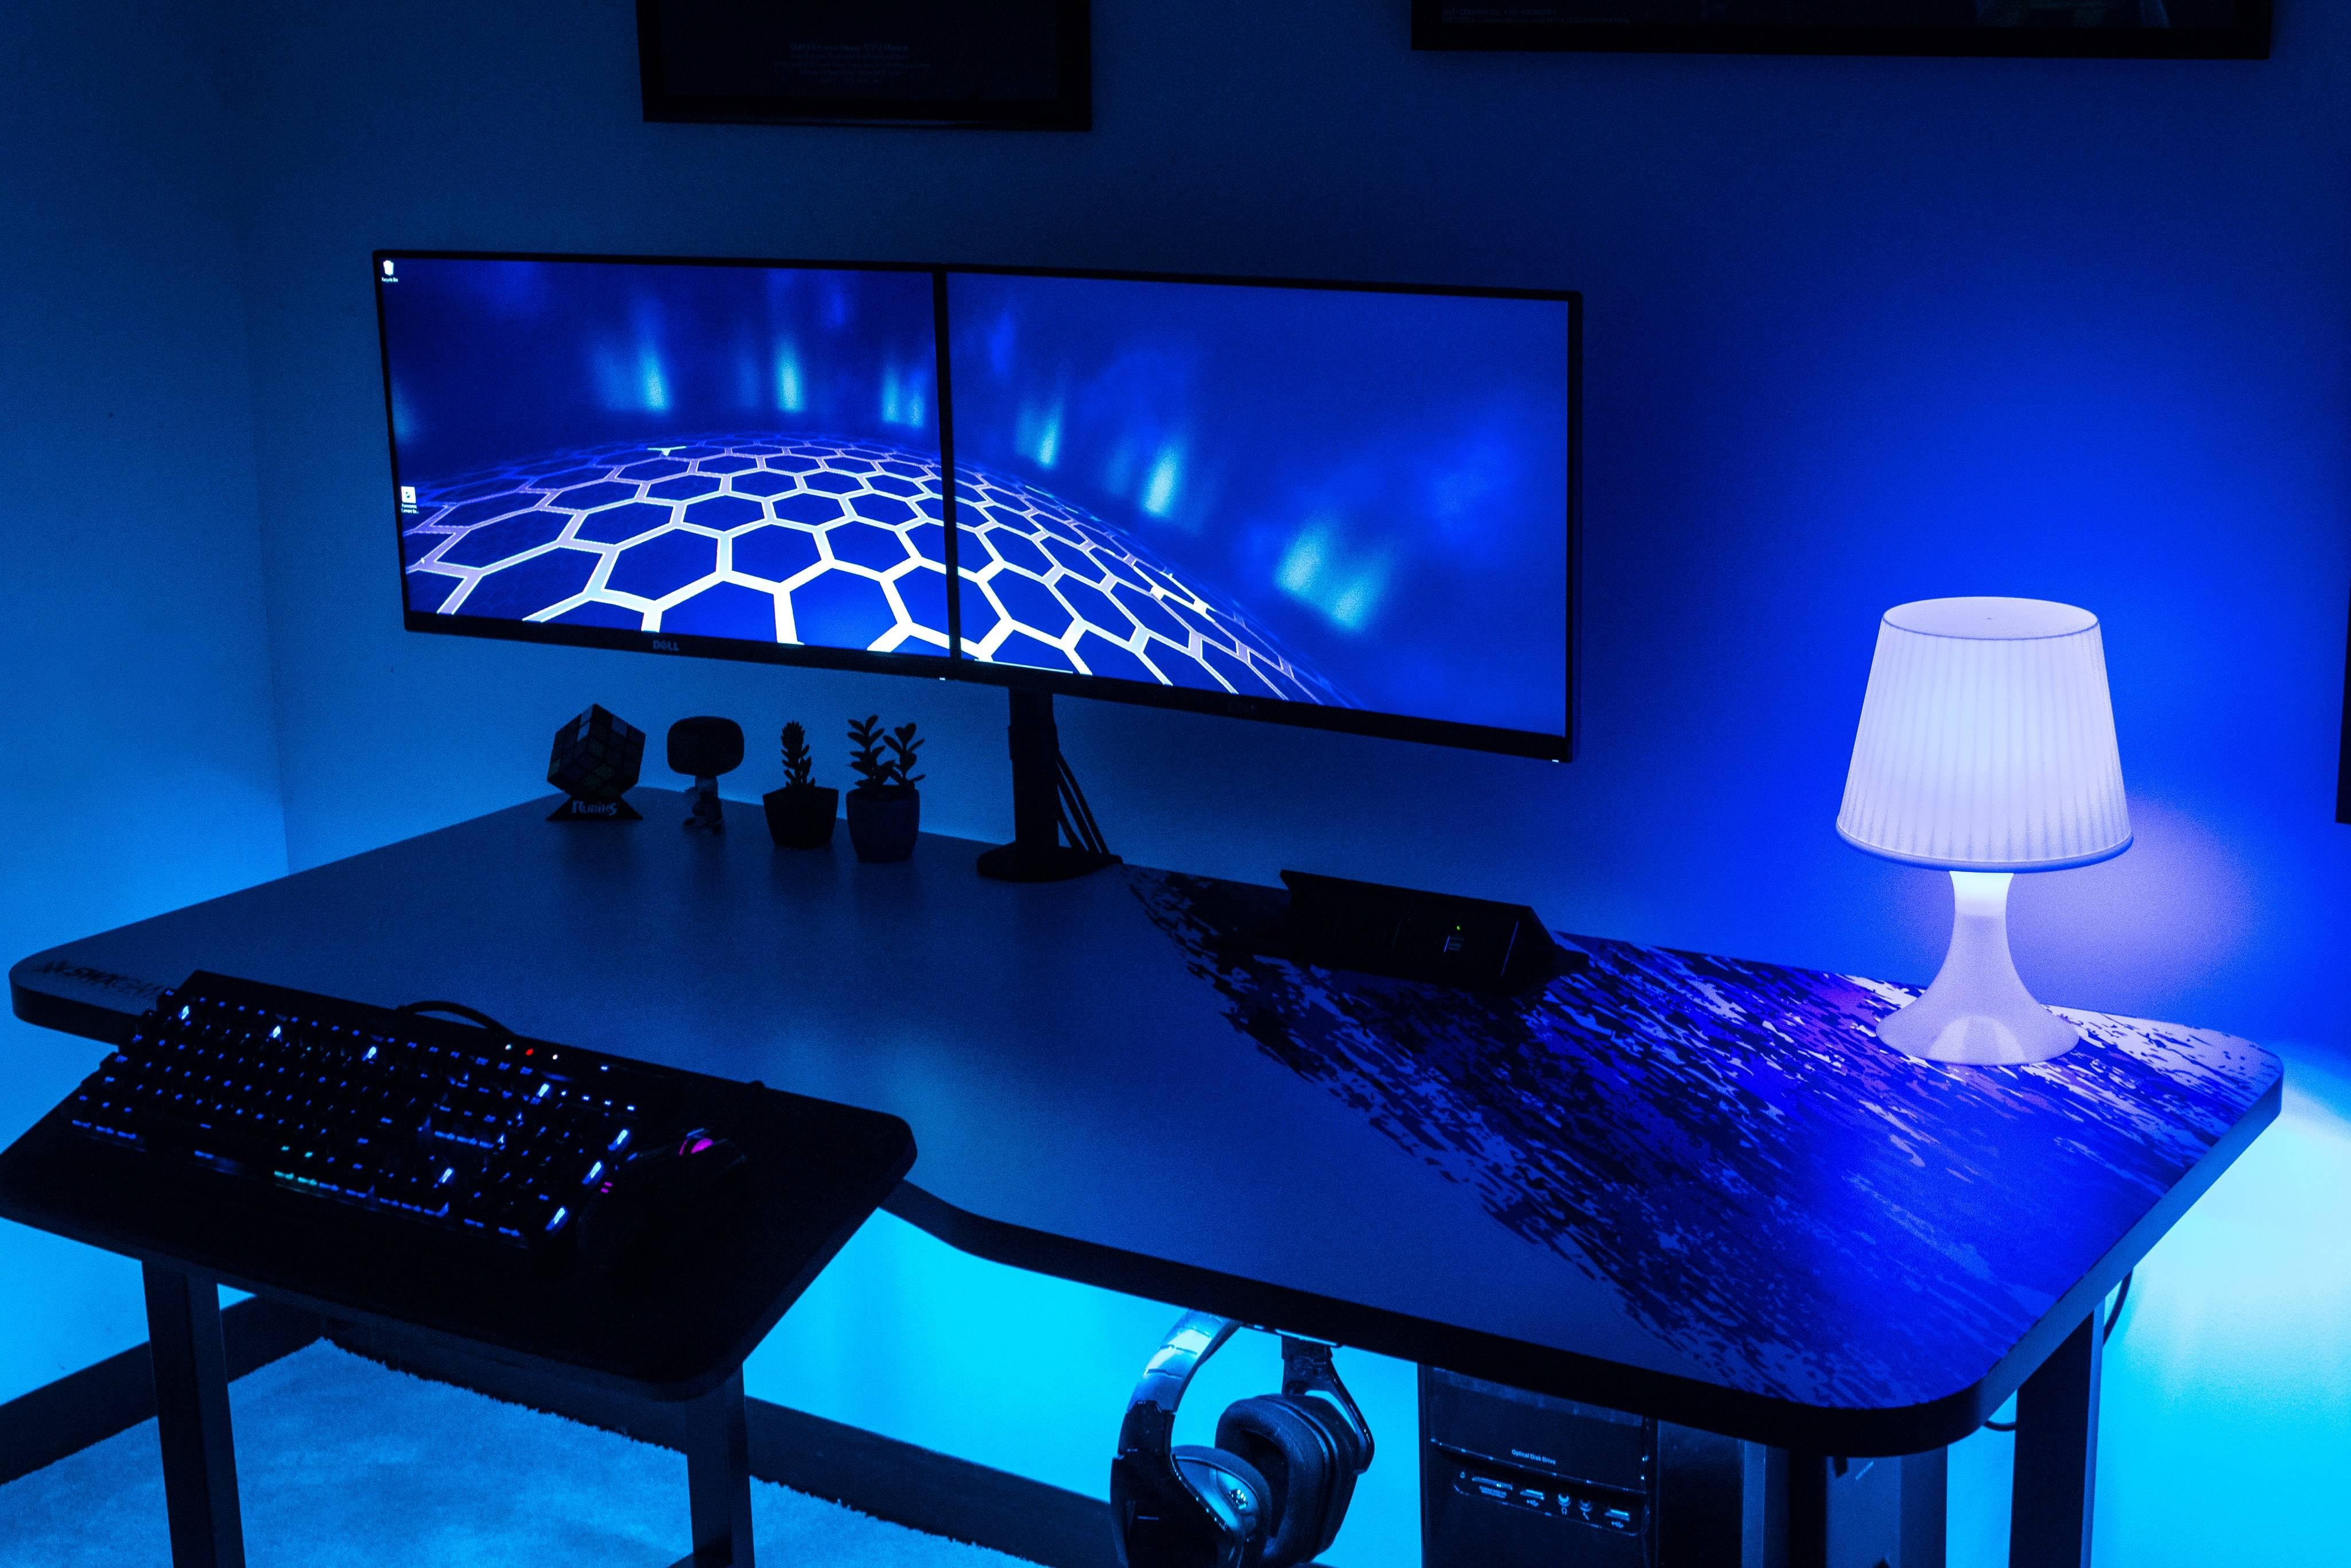 Matt214d's Setup - MK2 Office setup | Scooget